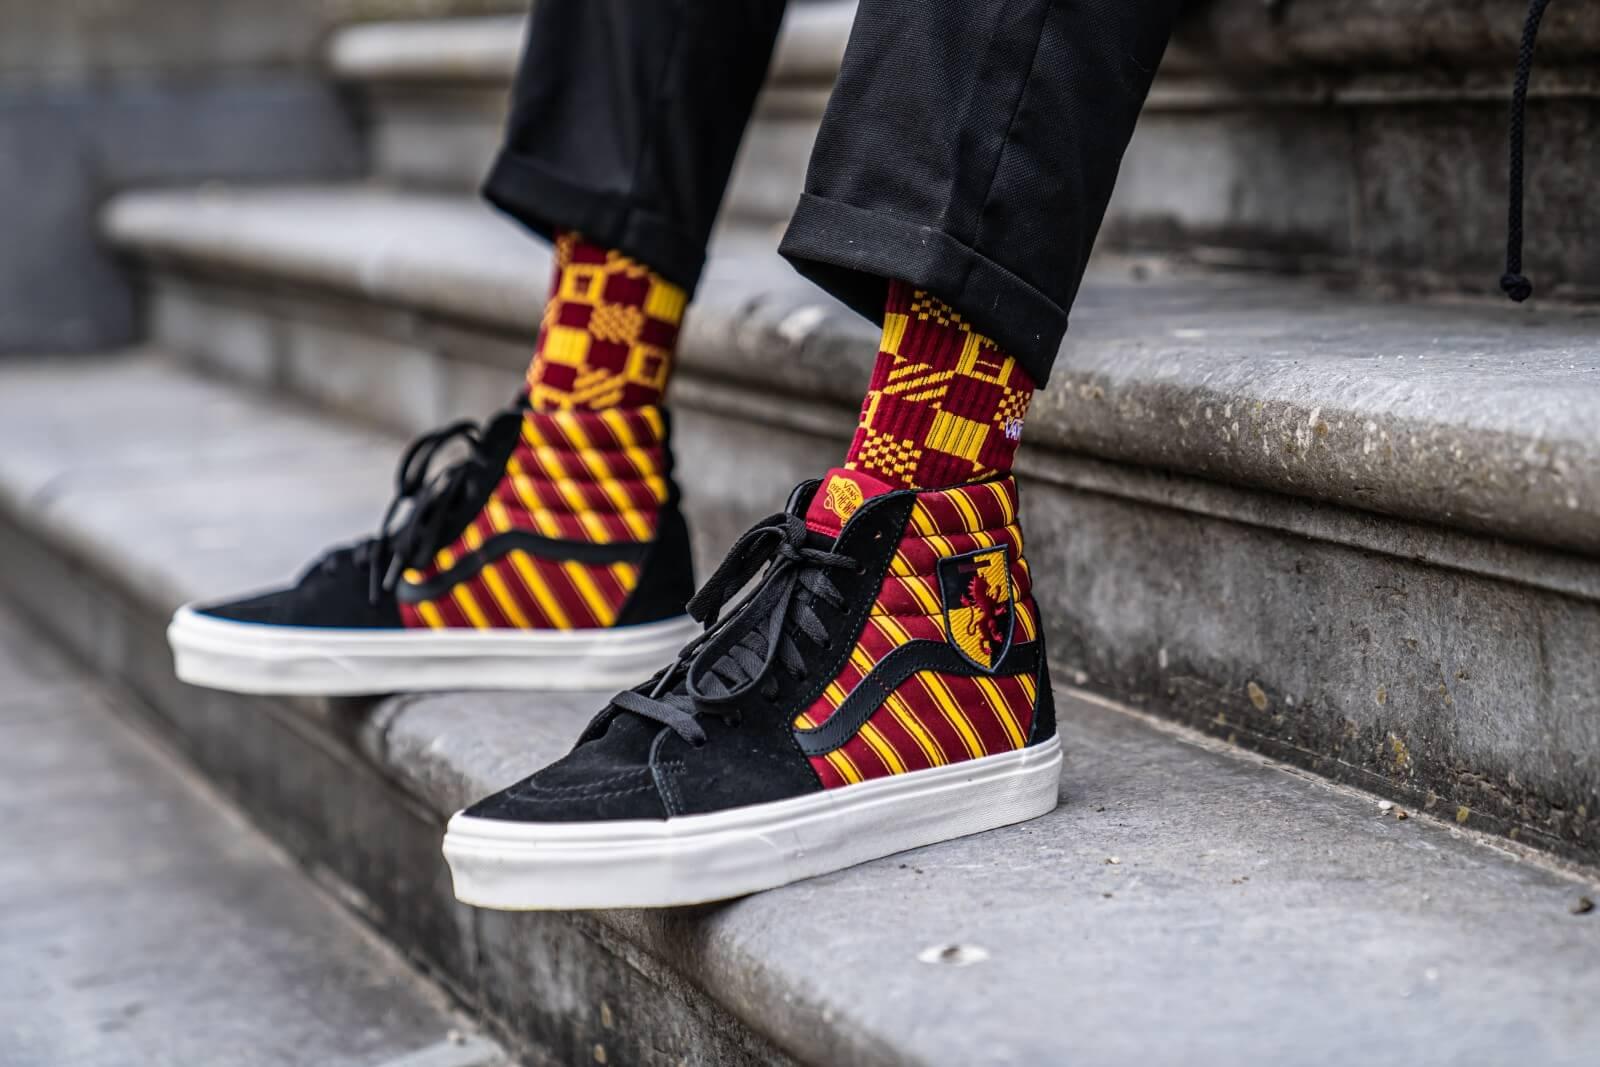 Vans x Harry Potter Gryffindor Crew Socks Size 6.5 9 VN0A3I66SP31